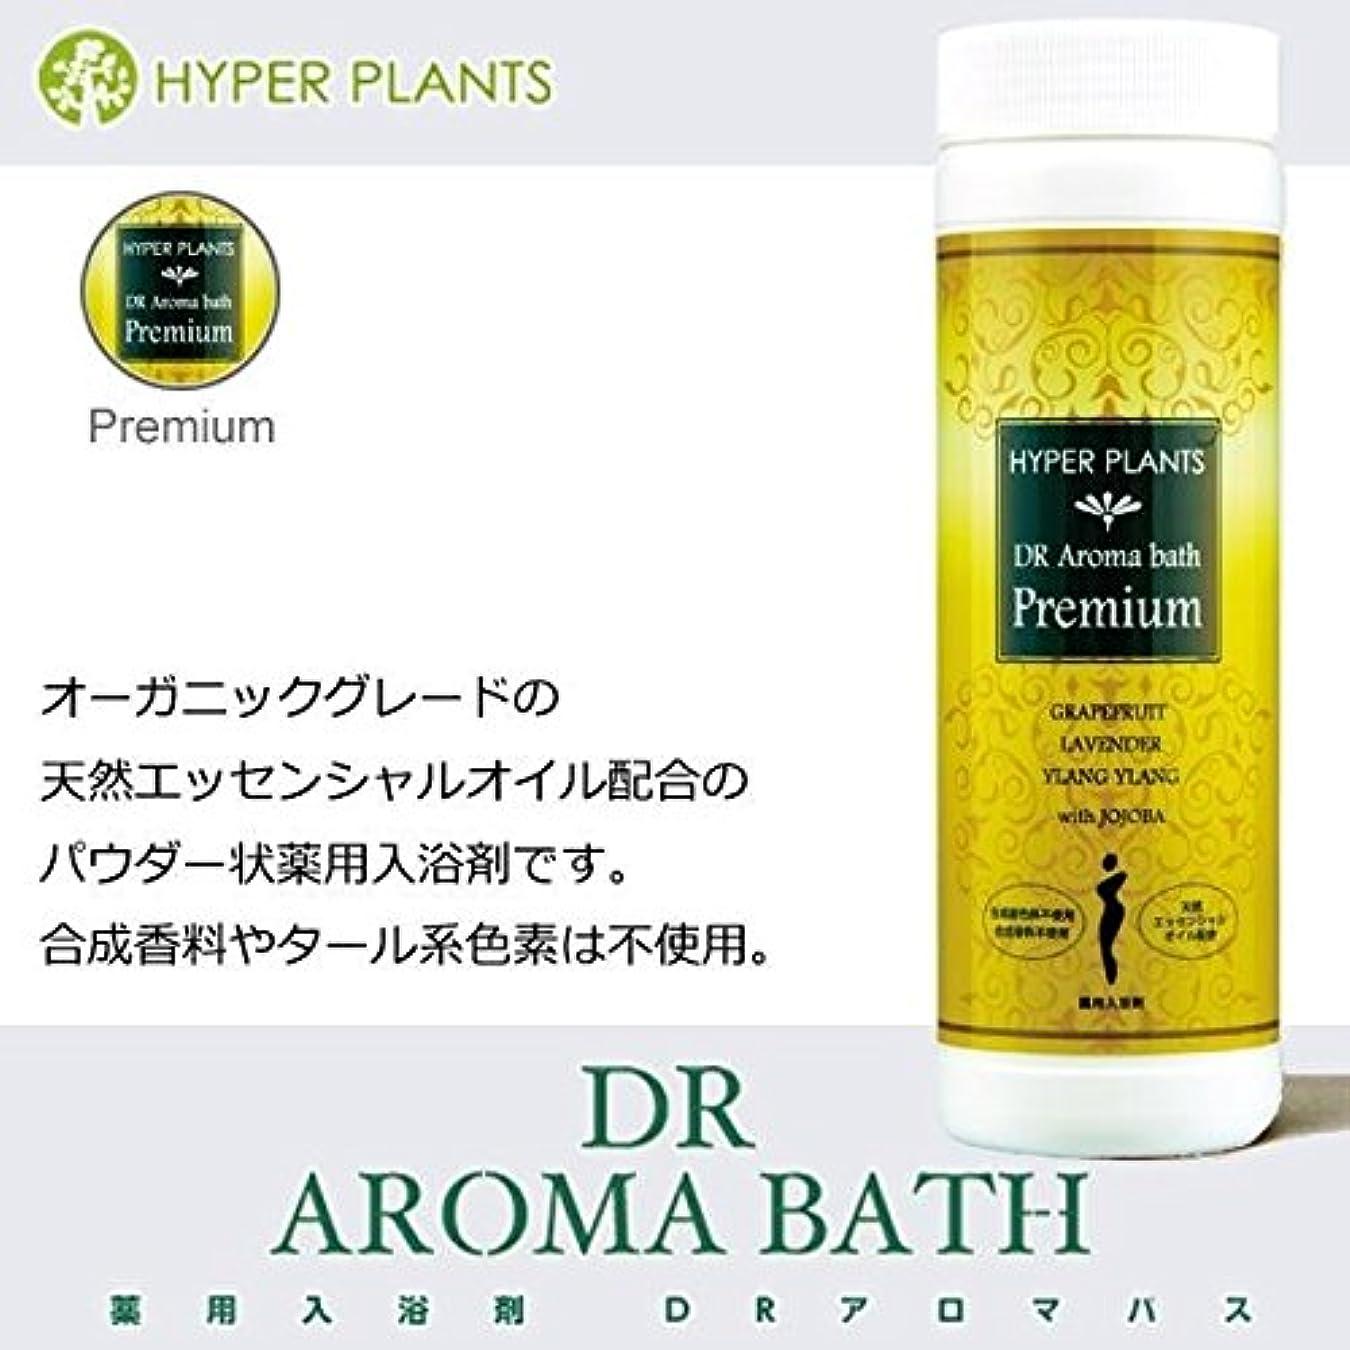 エミュレーション協定レンダー医薬部外品 薬用入浴剤 ハイパープランツ(HYPER PLANTS) DRアロマバス プレミアム 500g HN0013